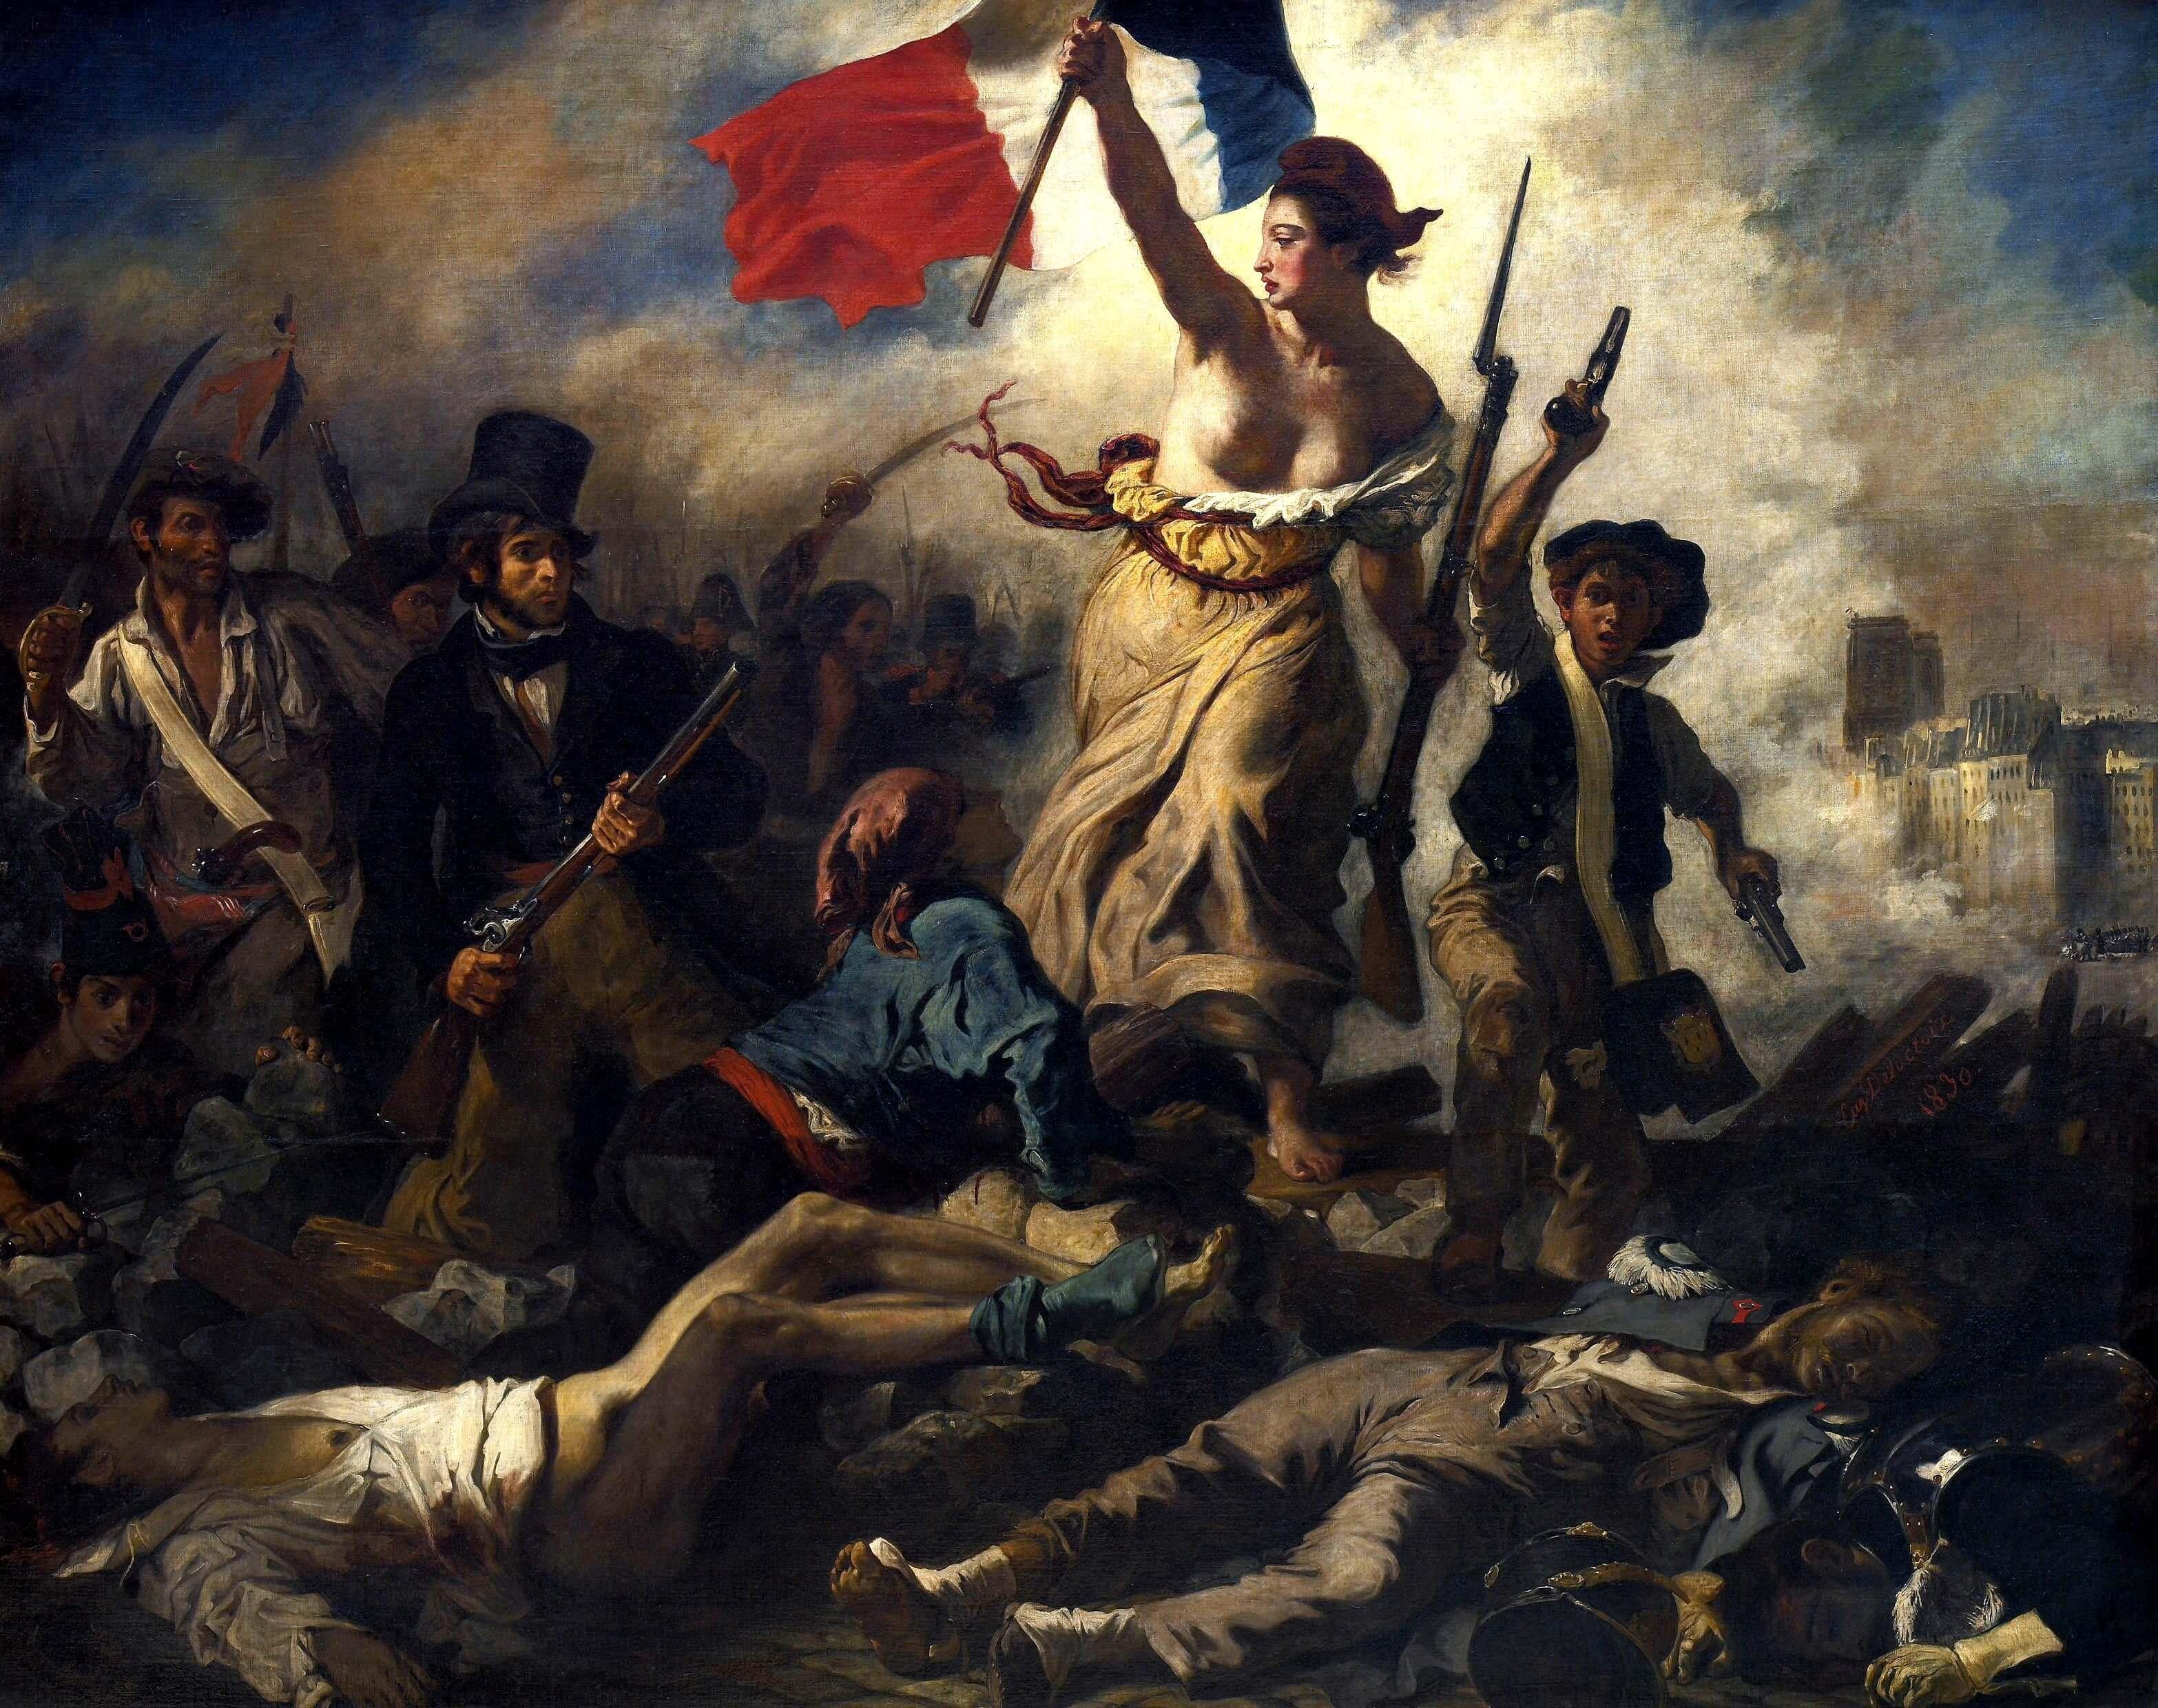 Eugène Delacroix. La liberté guidant le peuple (1830)